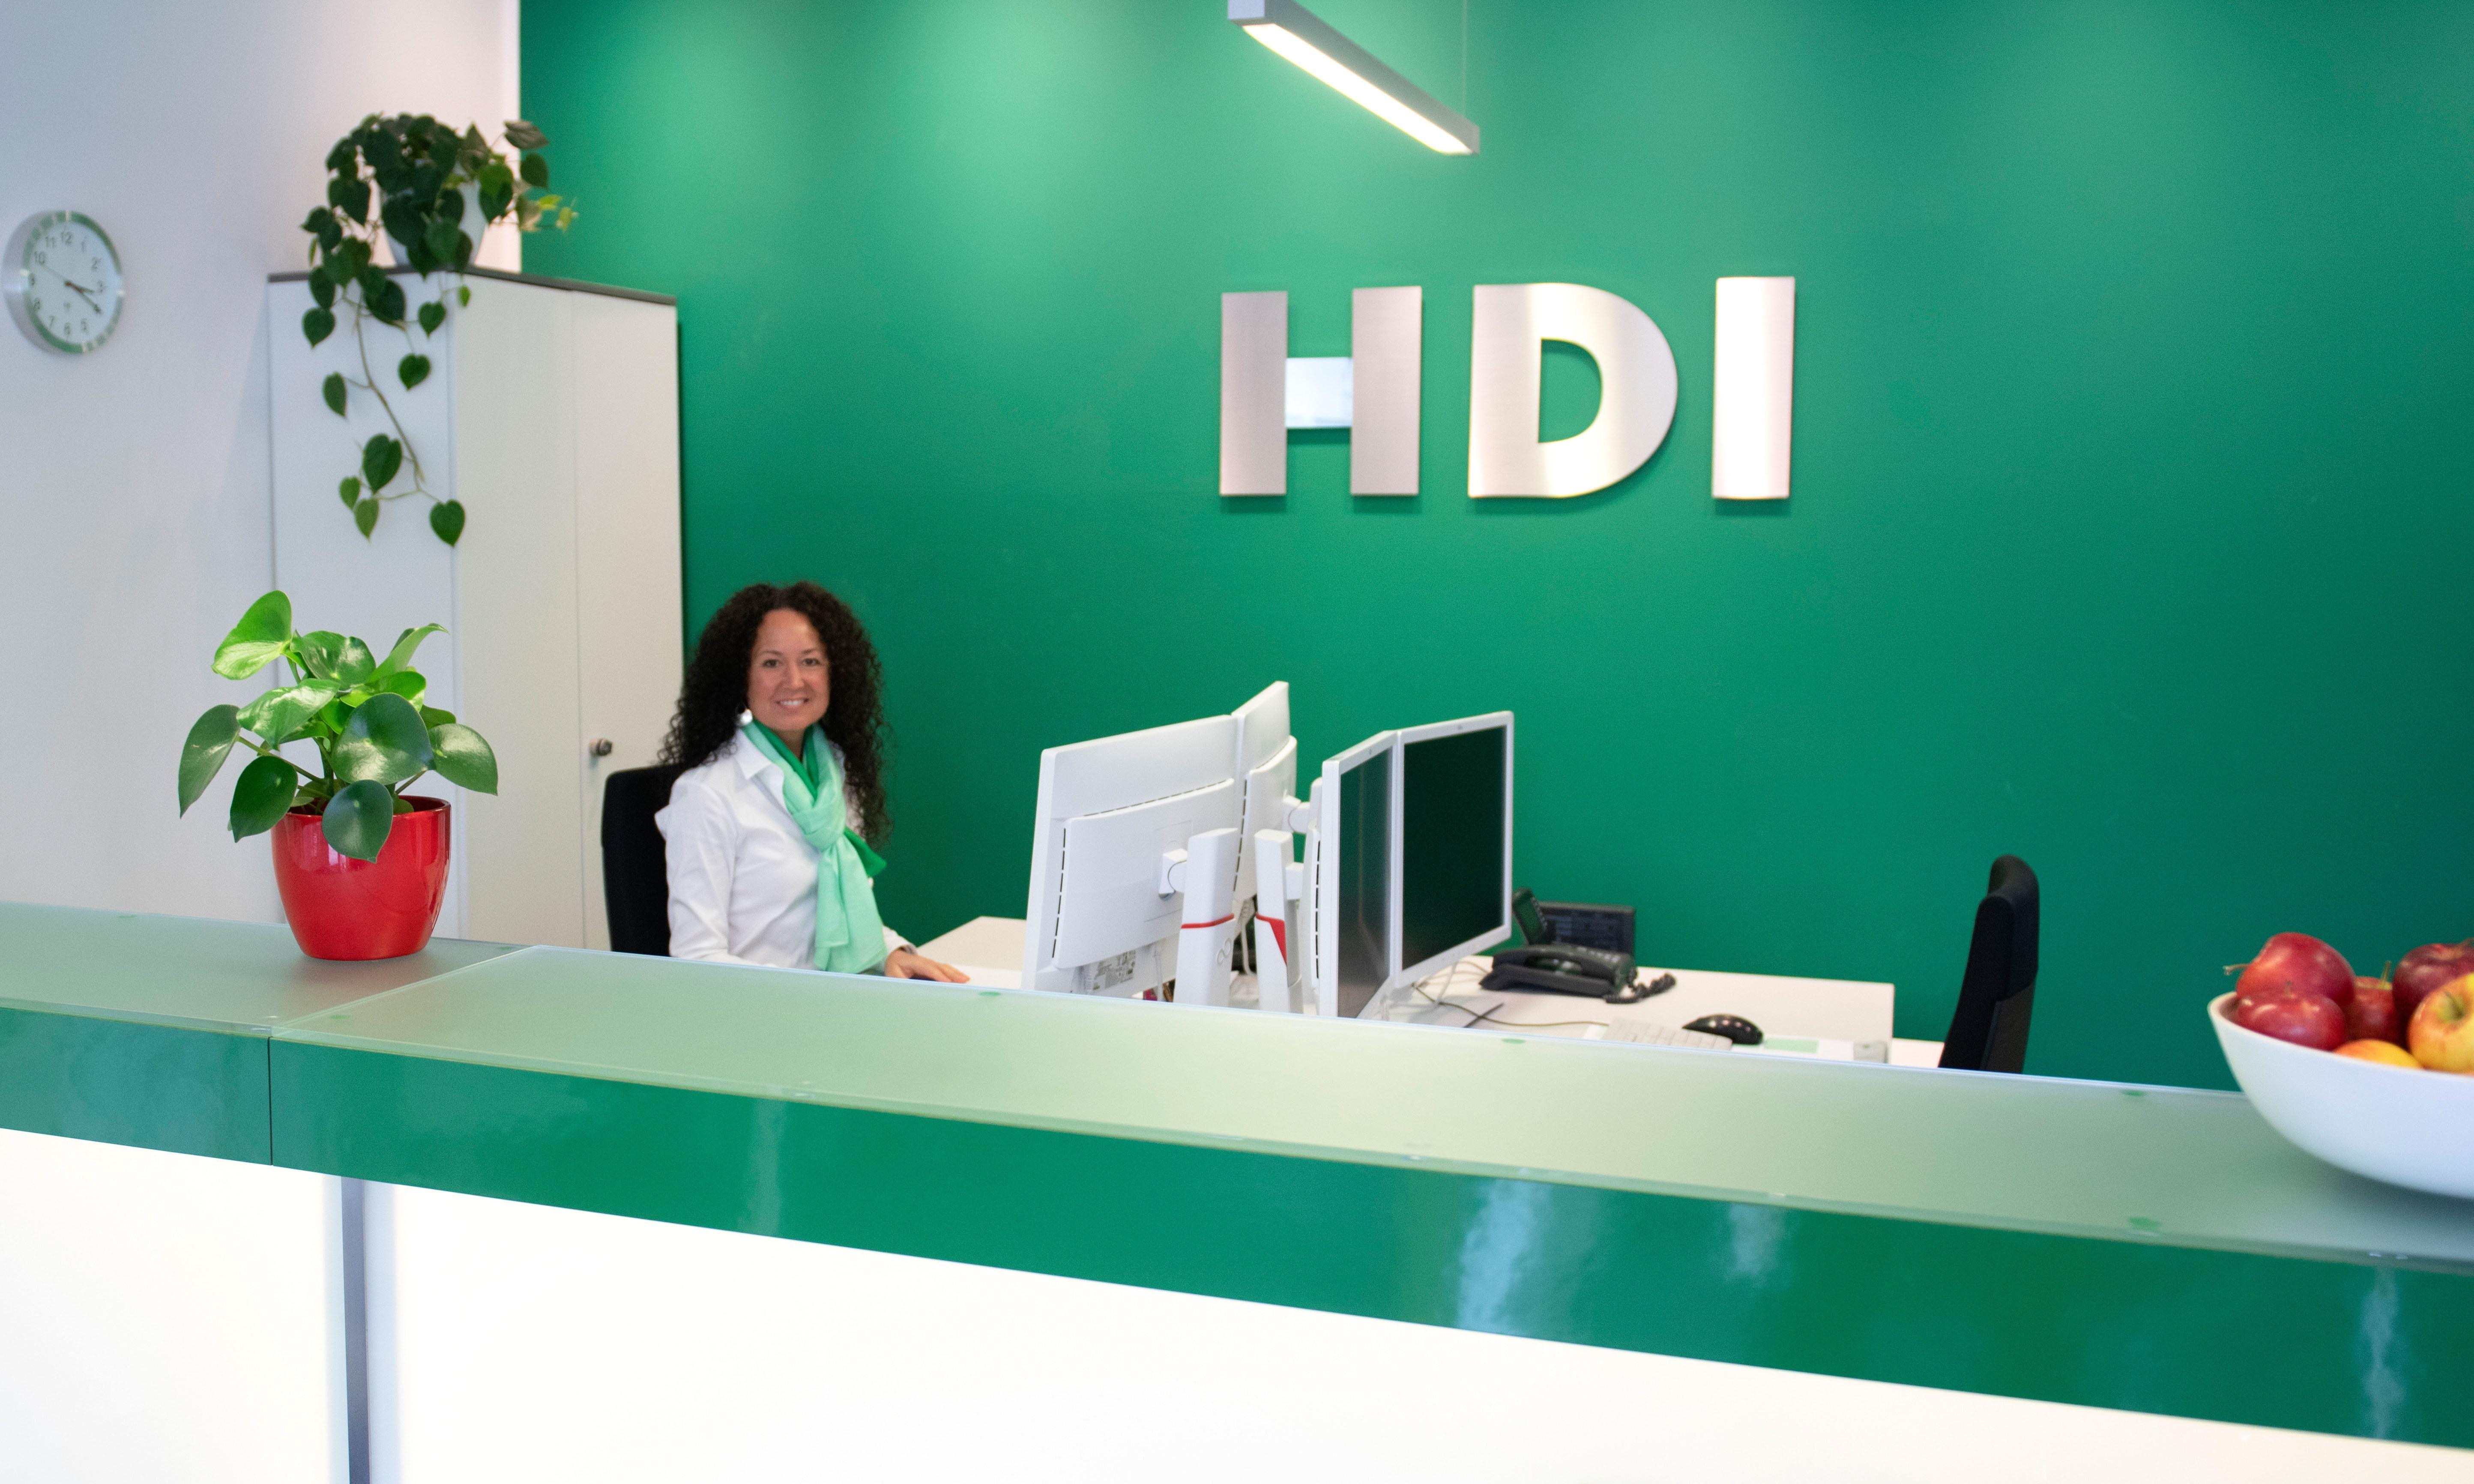 HDI Versicherungen: Marc Thomas Ebel, Schreiberstr. 20 in Freiburg im Breisgau